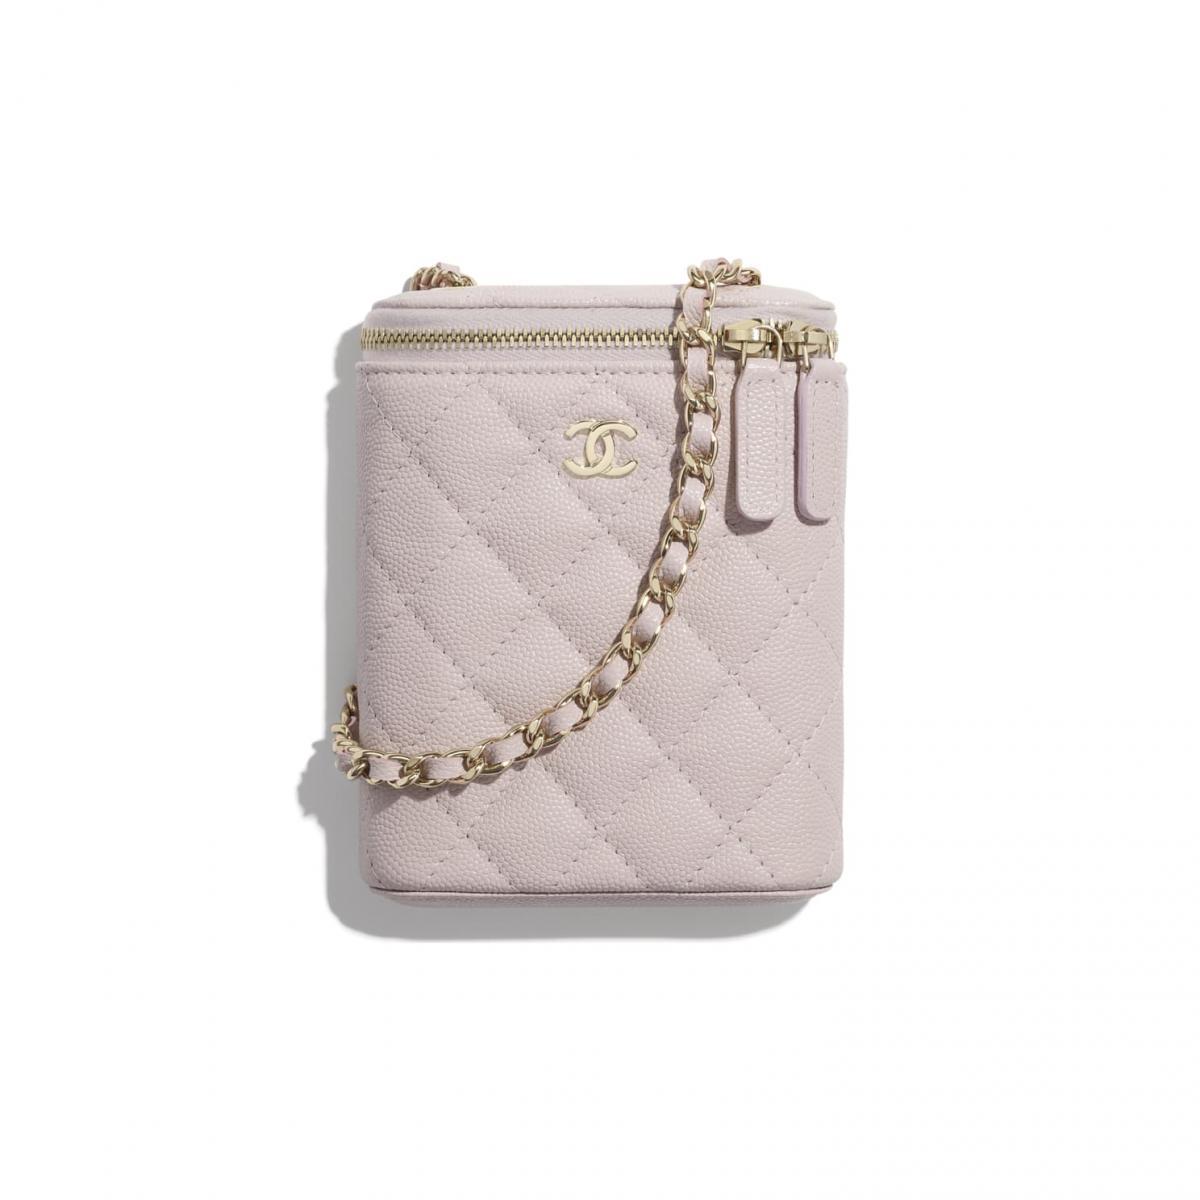 2021年Chanel春夏包包「寶寶粉」推薦這8款!水桶包、圓餅包 、零錢包 .....19口蓋包有錢不一定買的到-4